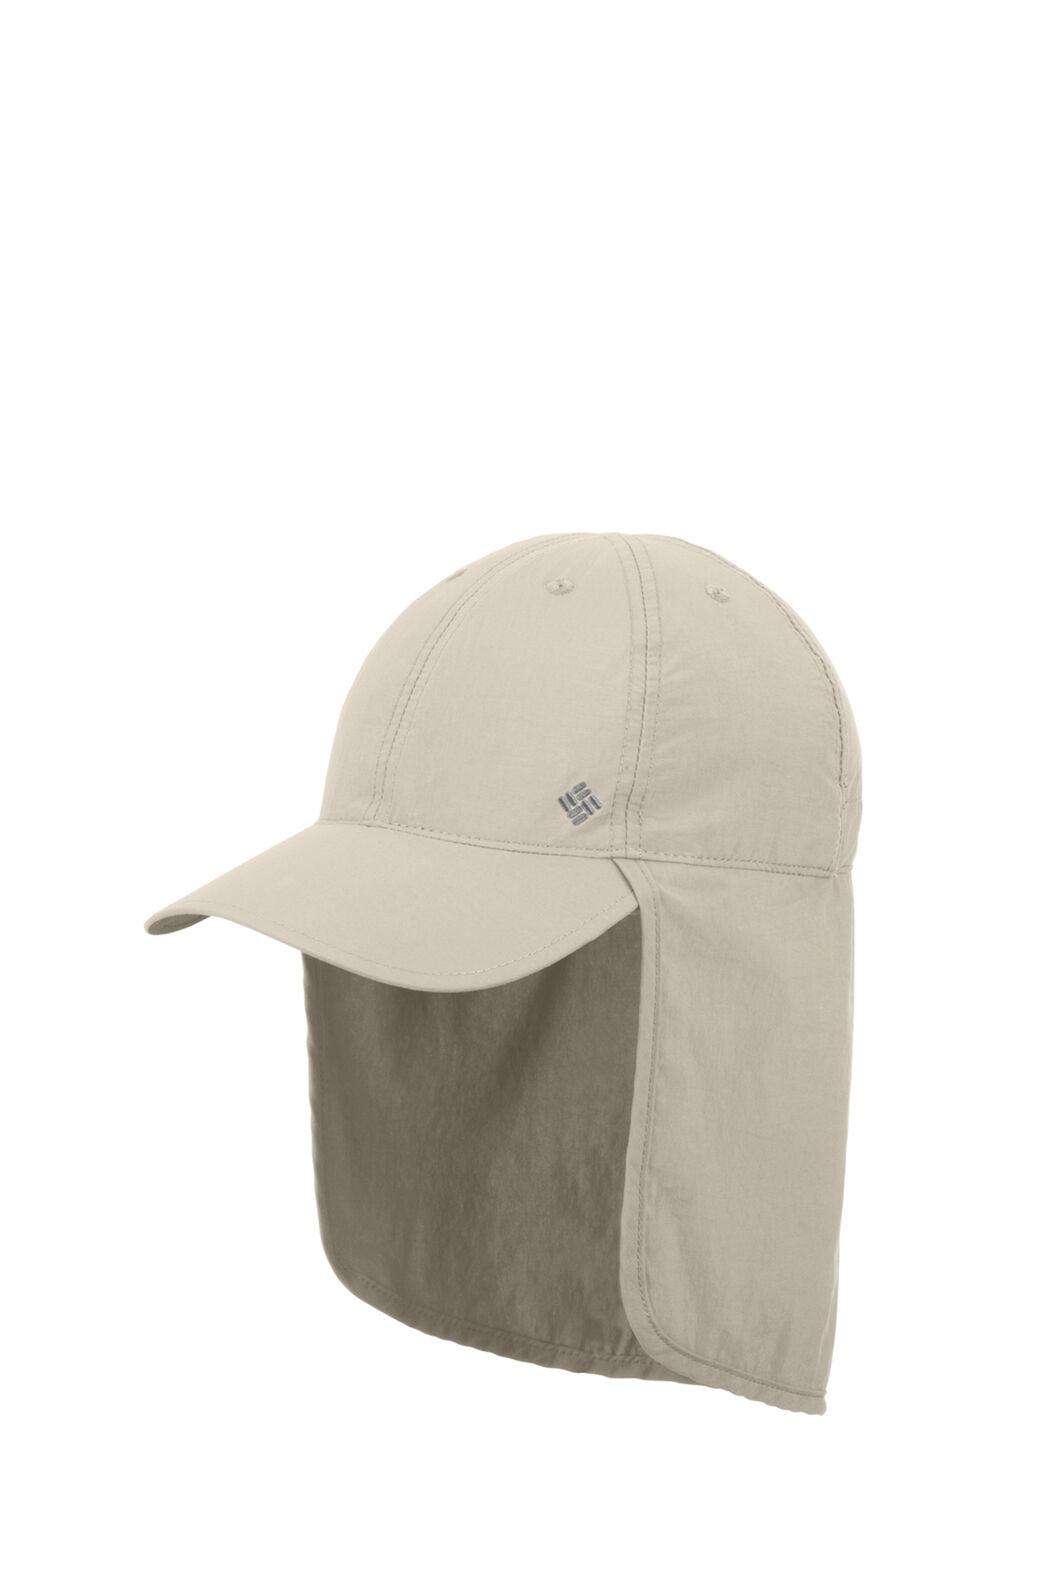 Columbia Schooner Bank™ Cachalot III Hat, Fossil, hi-res